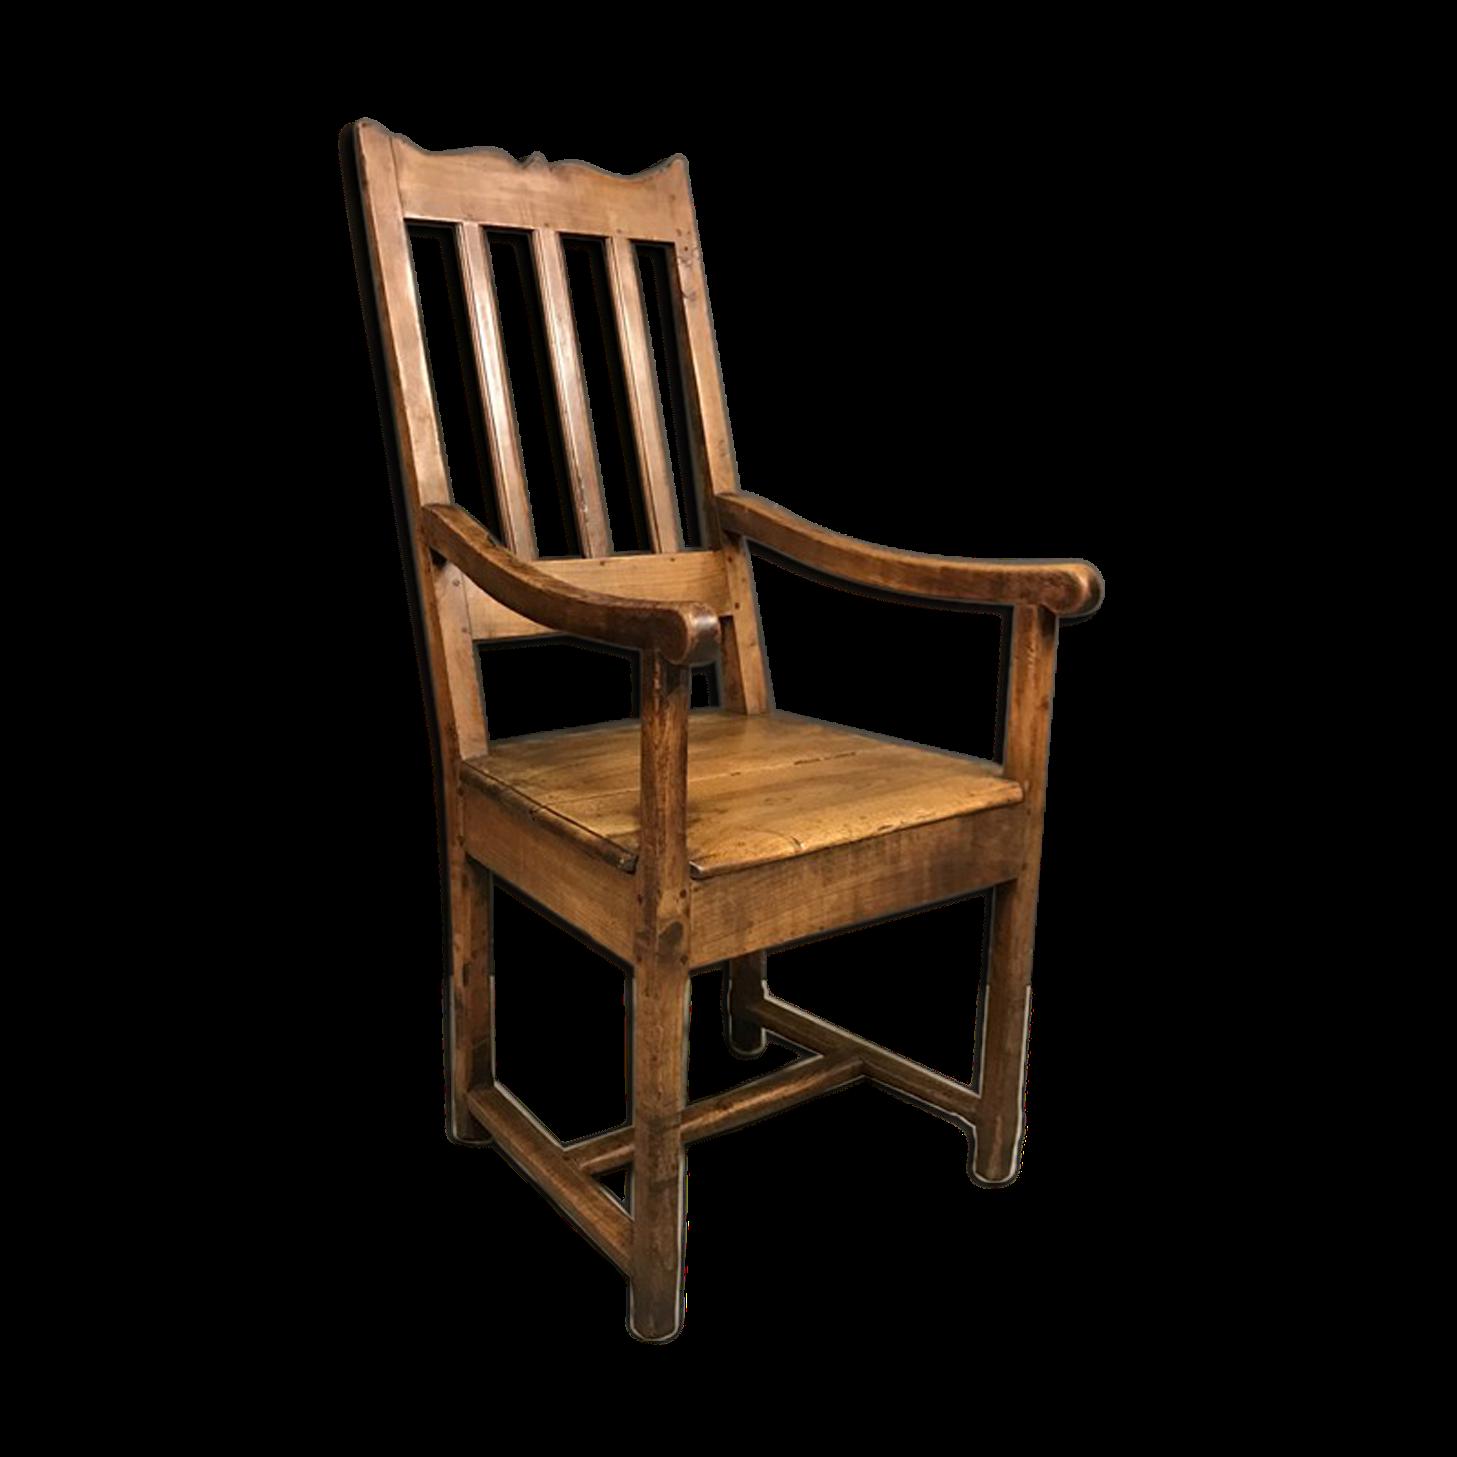 chaise ancienne cuir et bois. Black Bedroom Furniture Sets. Home Design Ideas